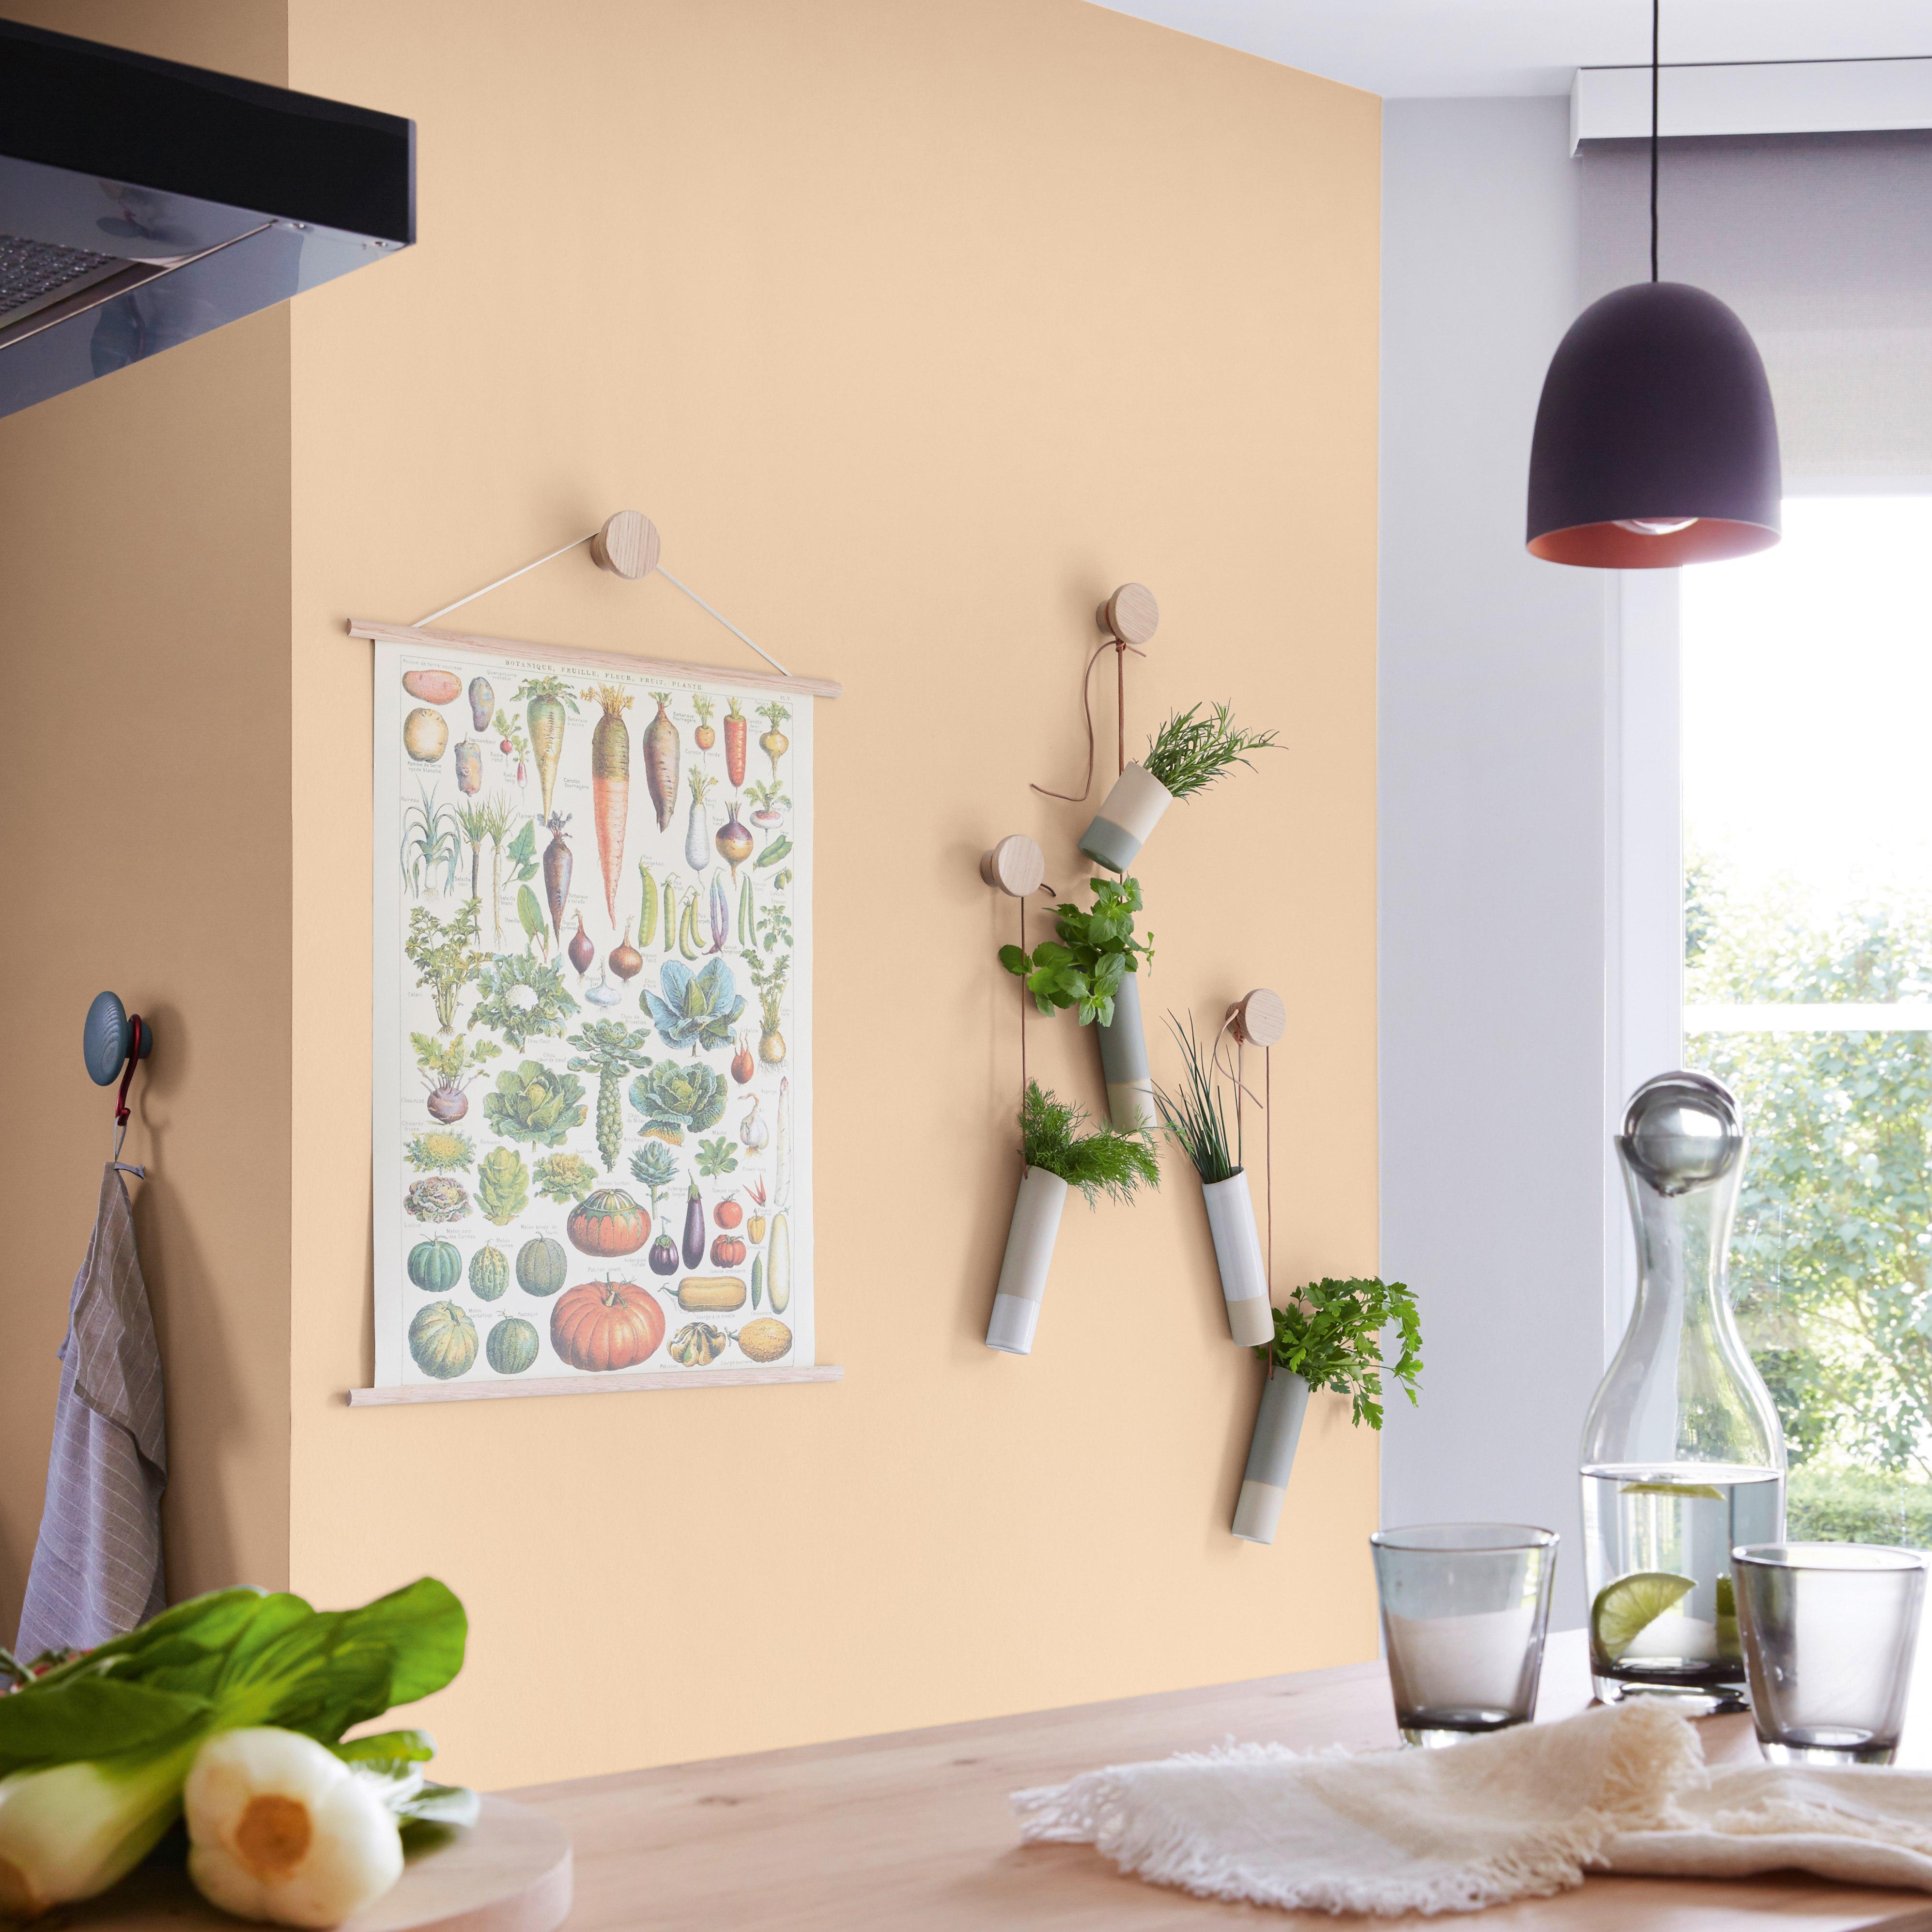 Betonoptik Für Die Wand: Alpina Einrichten & Farbe